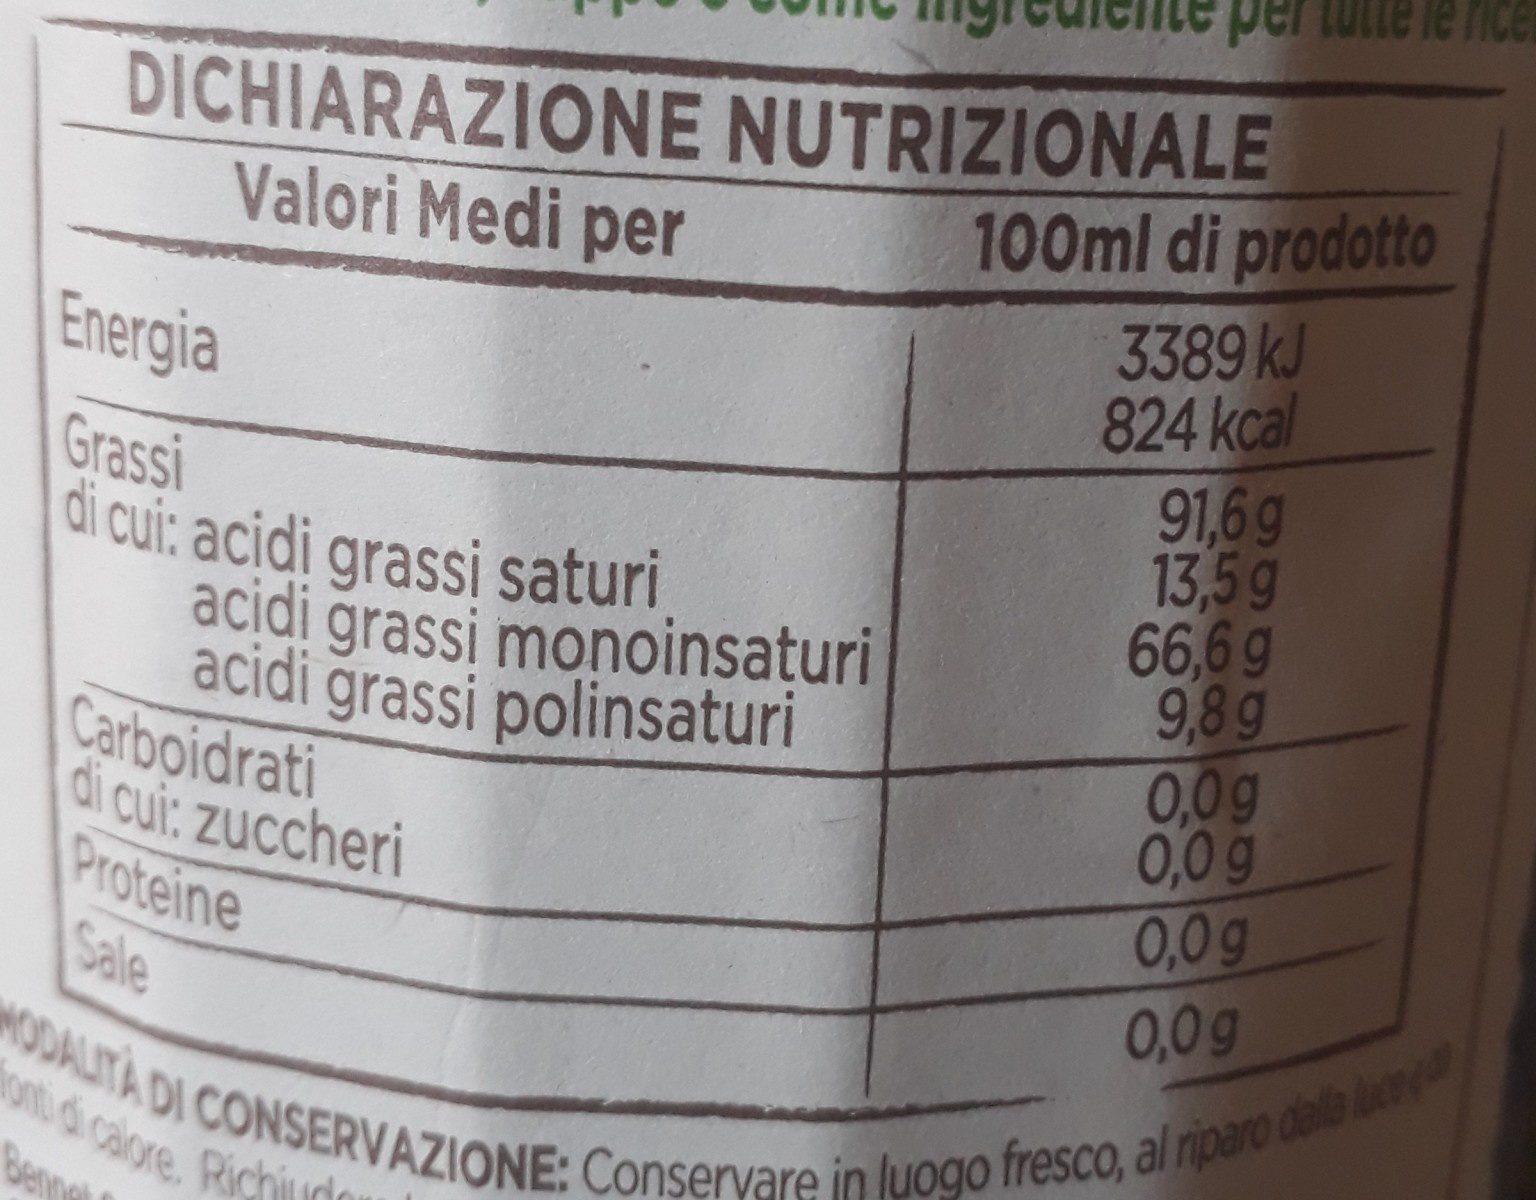 Olio extravergine di oliva biologico - Ingredients